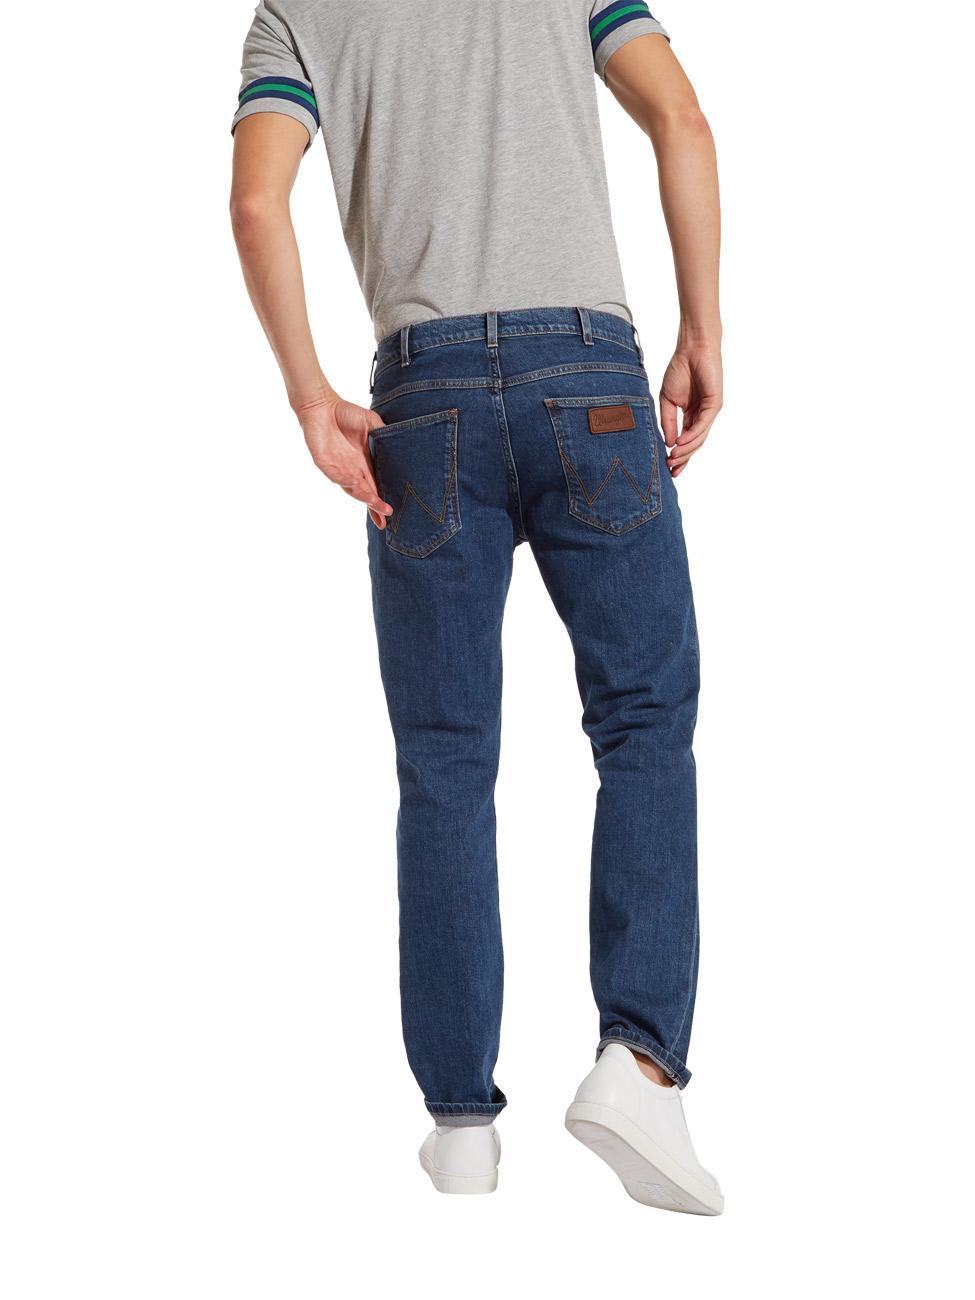 wrangler-herren-jeans-greensboro-regular-fit-blau-darkstone